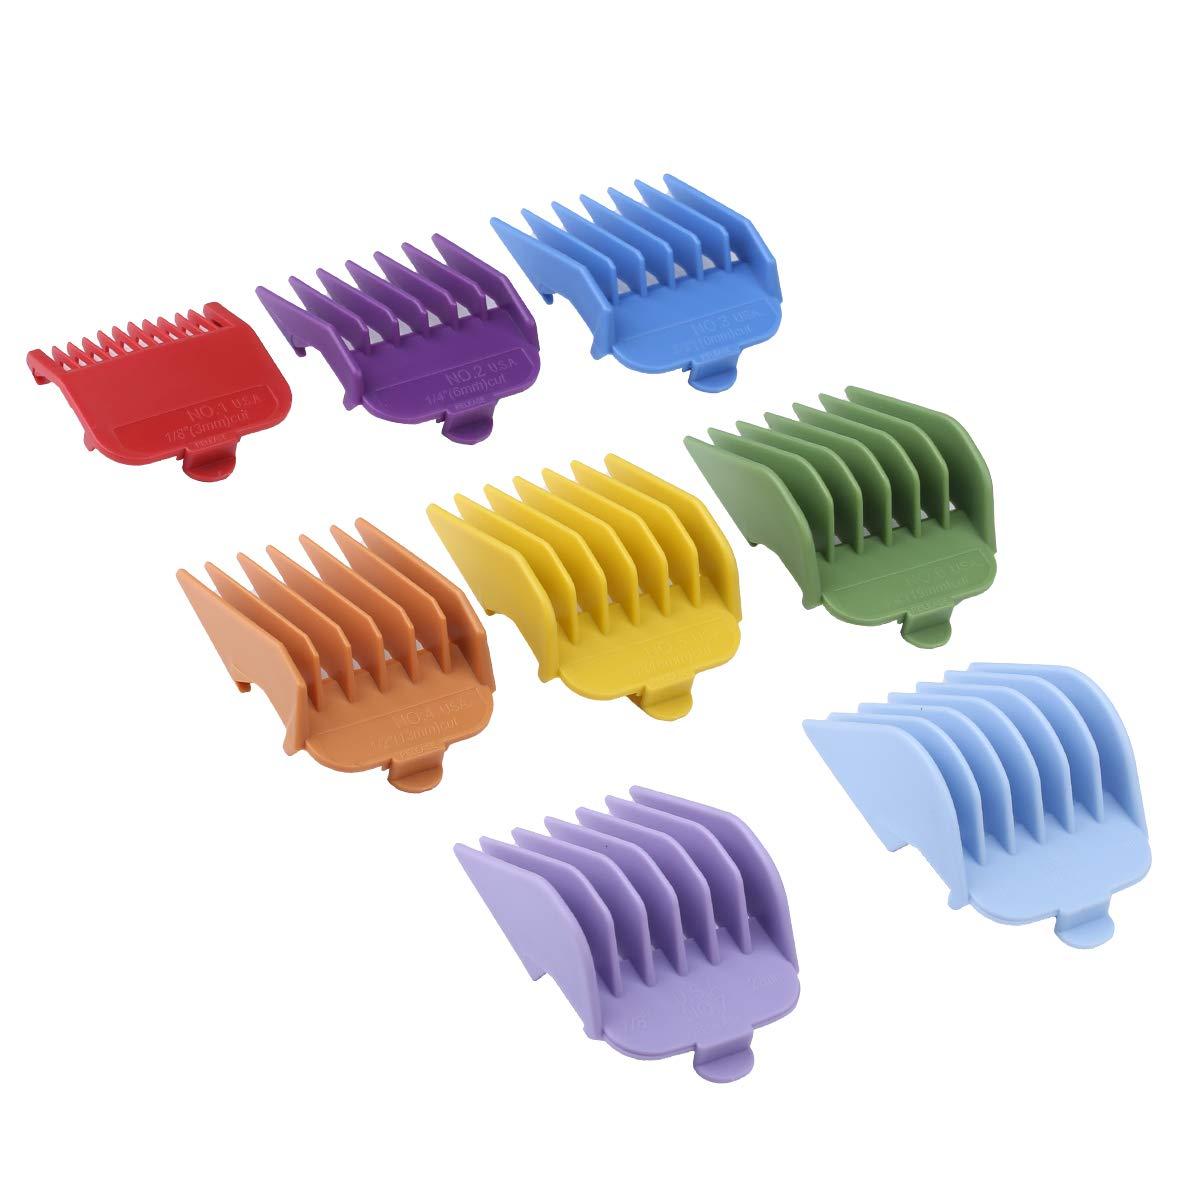 BESTBOMG 8 farbige Aufschiebekämme für Schermaschine, 8 Kämme #3170-400- 1/8''-1'' - Geeignet für alle Standard voller Größe Wahl Haarschneidemaschine